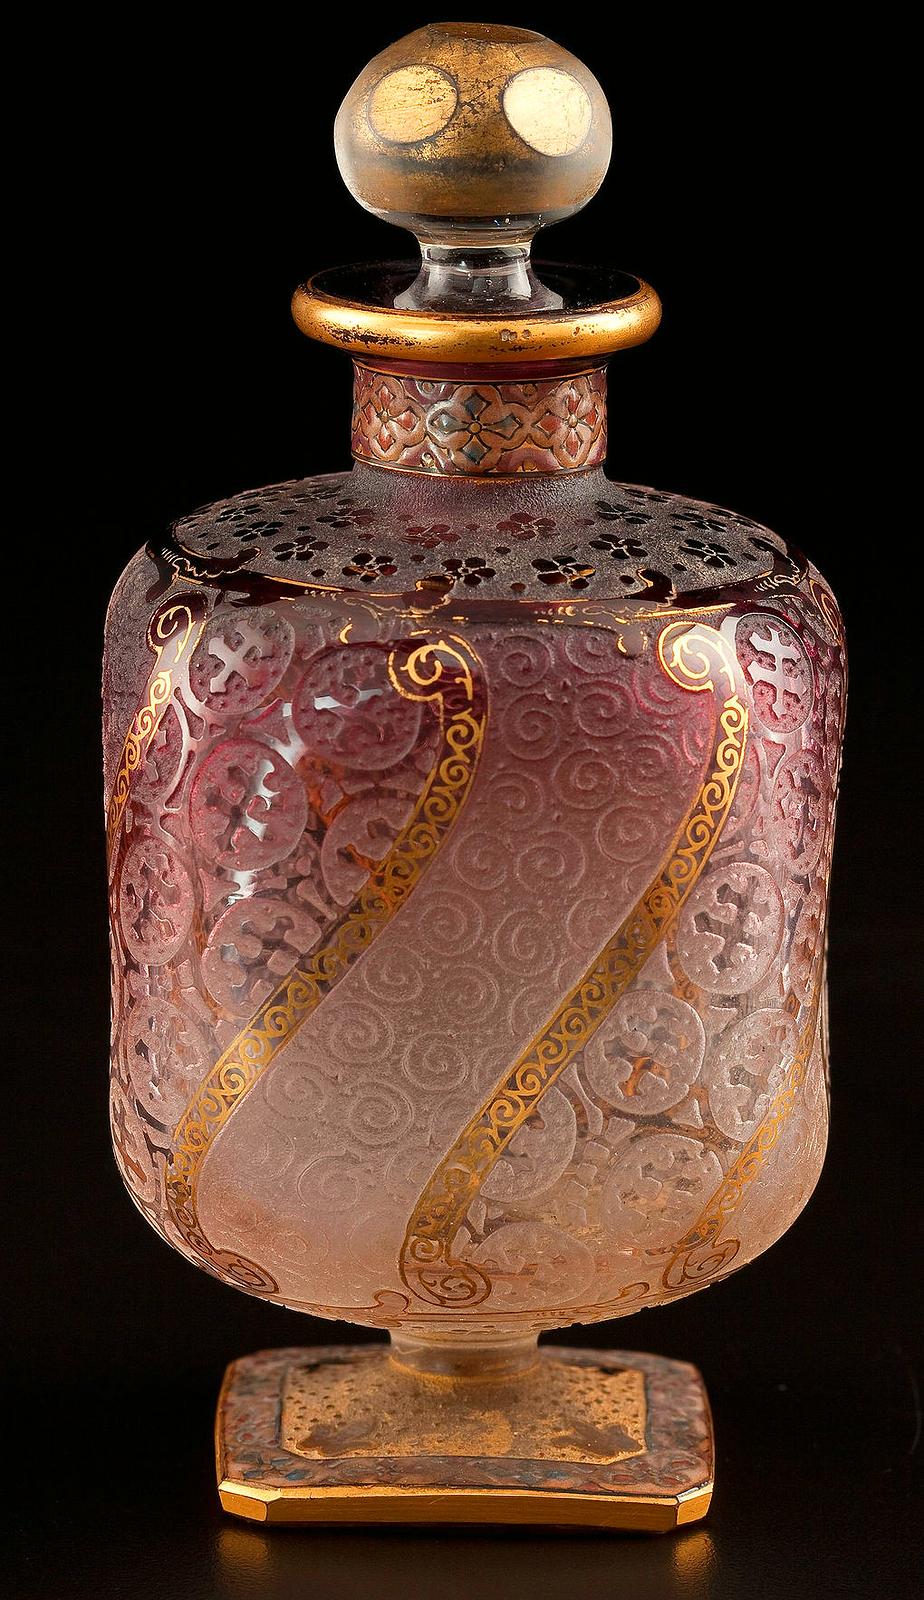 French perfume bottle, around Louis XIV time